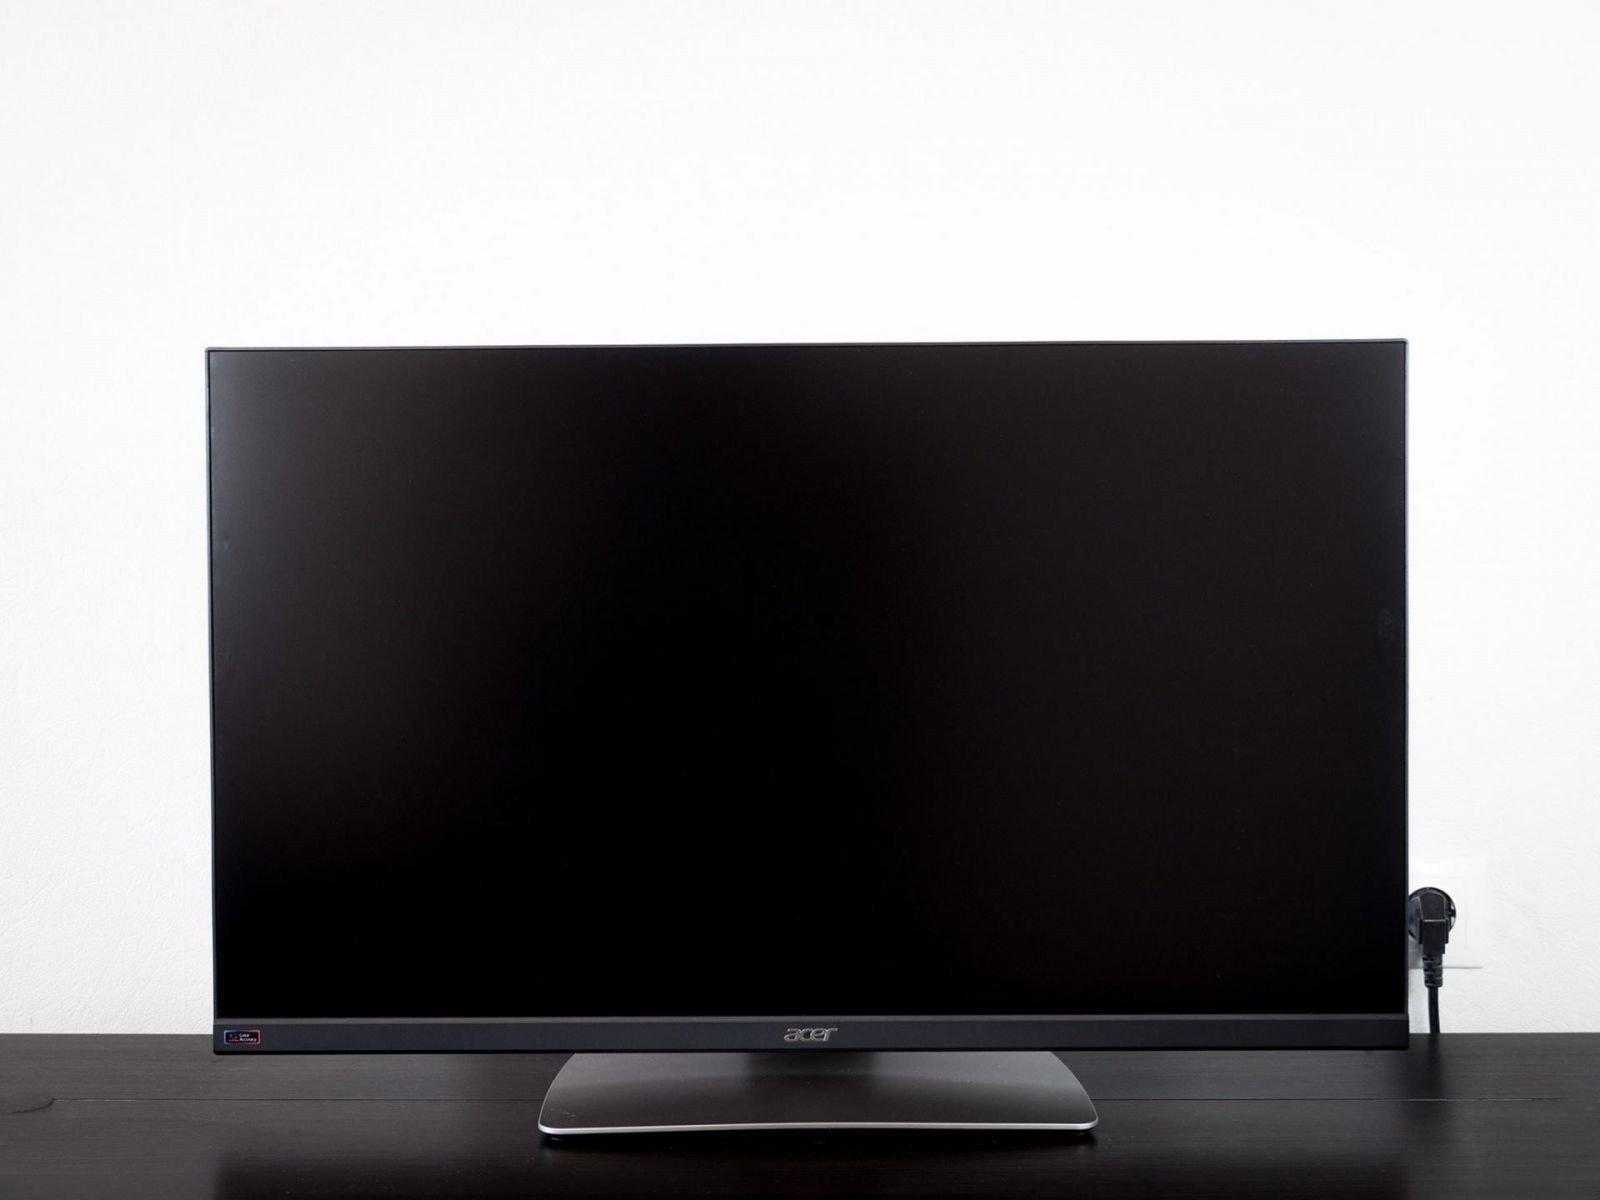 Обзор монитора Acer ProDesigner BM320 (acer 320YaM02)